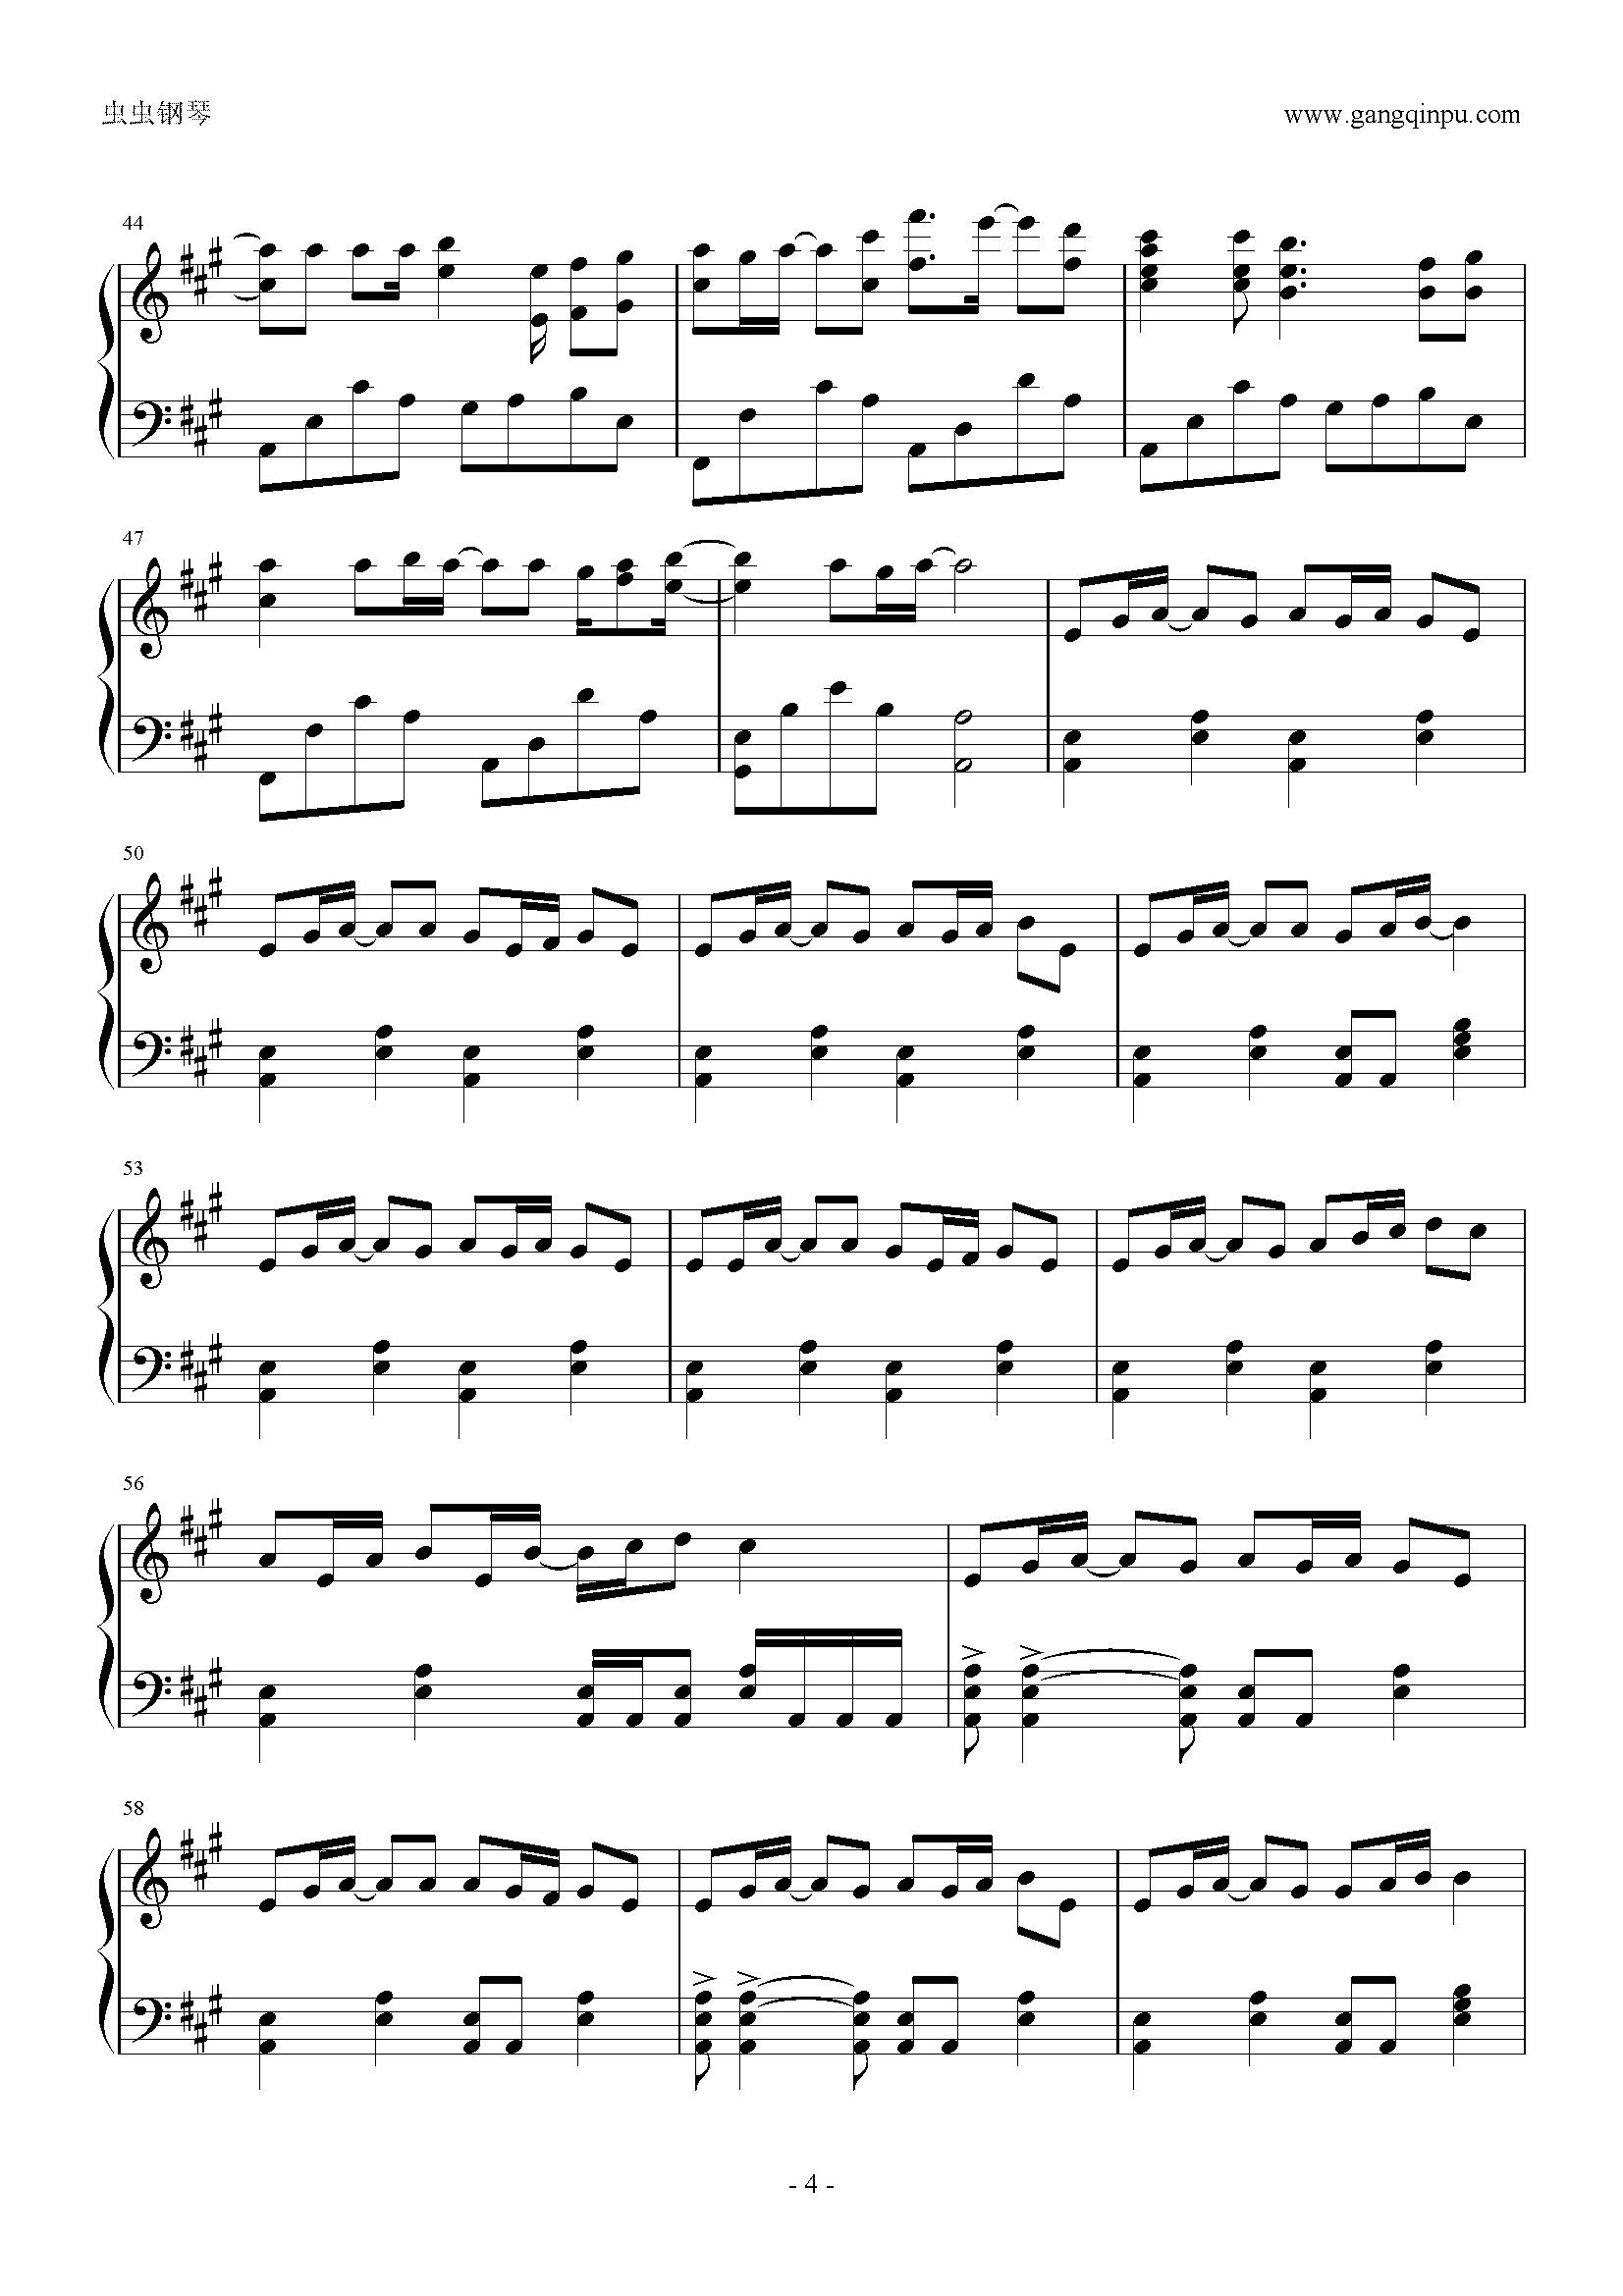 平凡之路钢琴谱 第4页图片